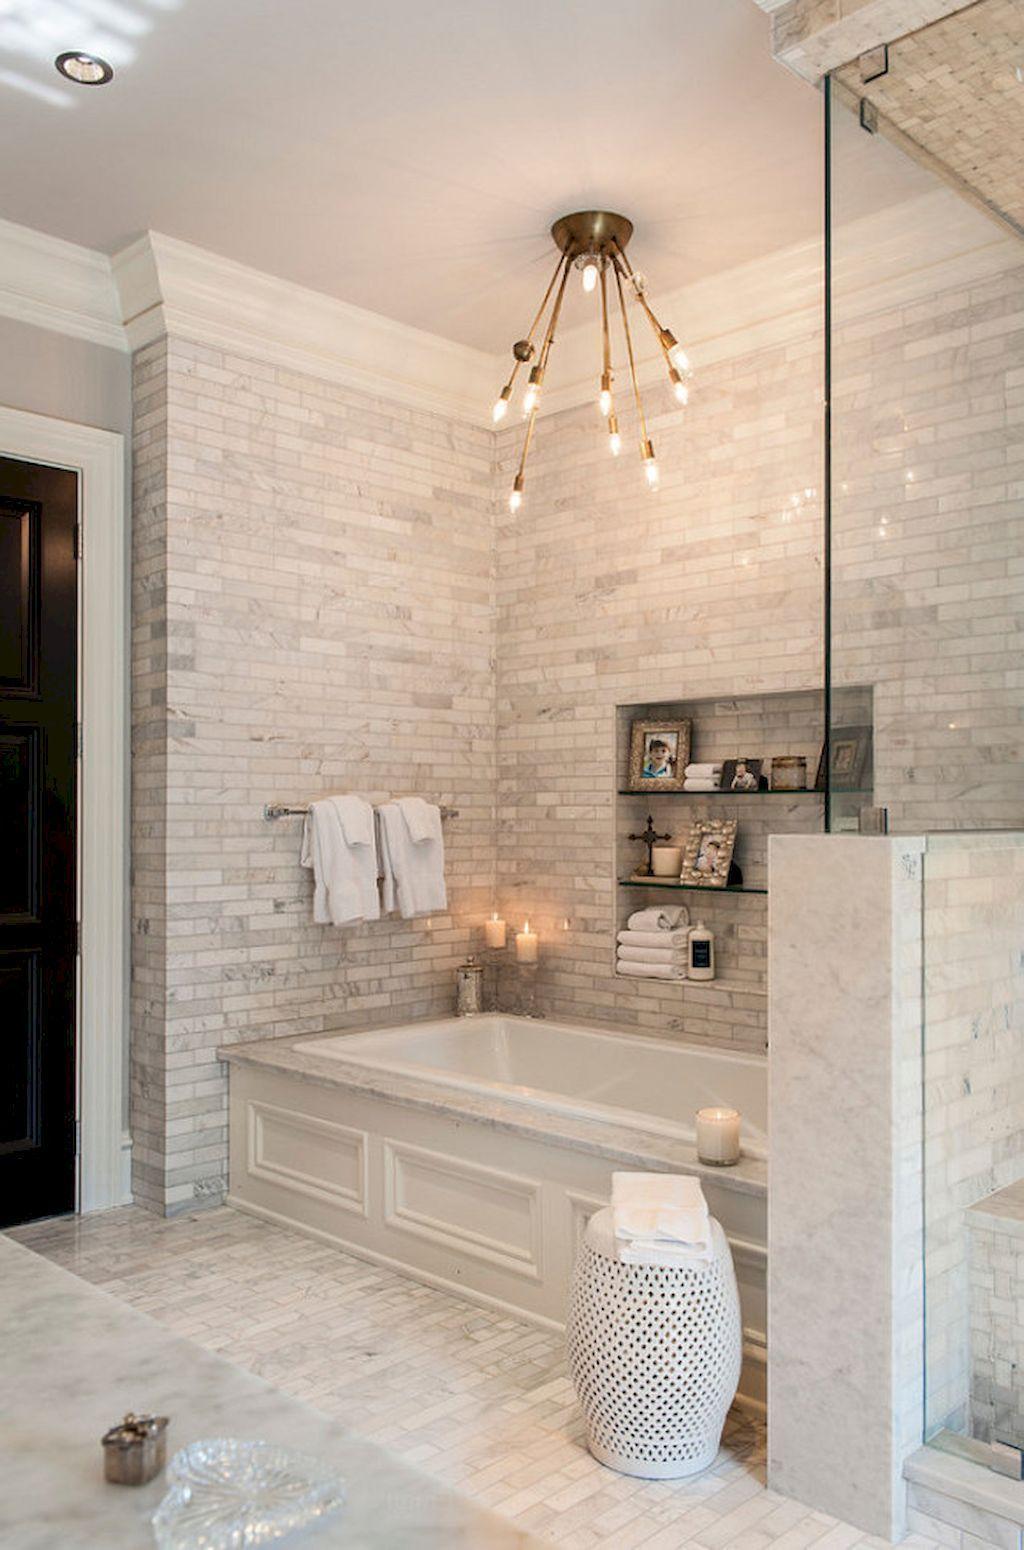 Try These Energizing Home Improvement Ideas Remodelacion De Banos Banos De Lujo Decoracion Banos